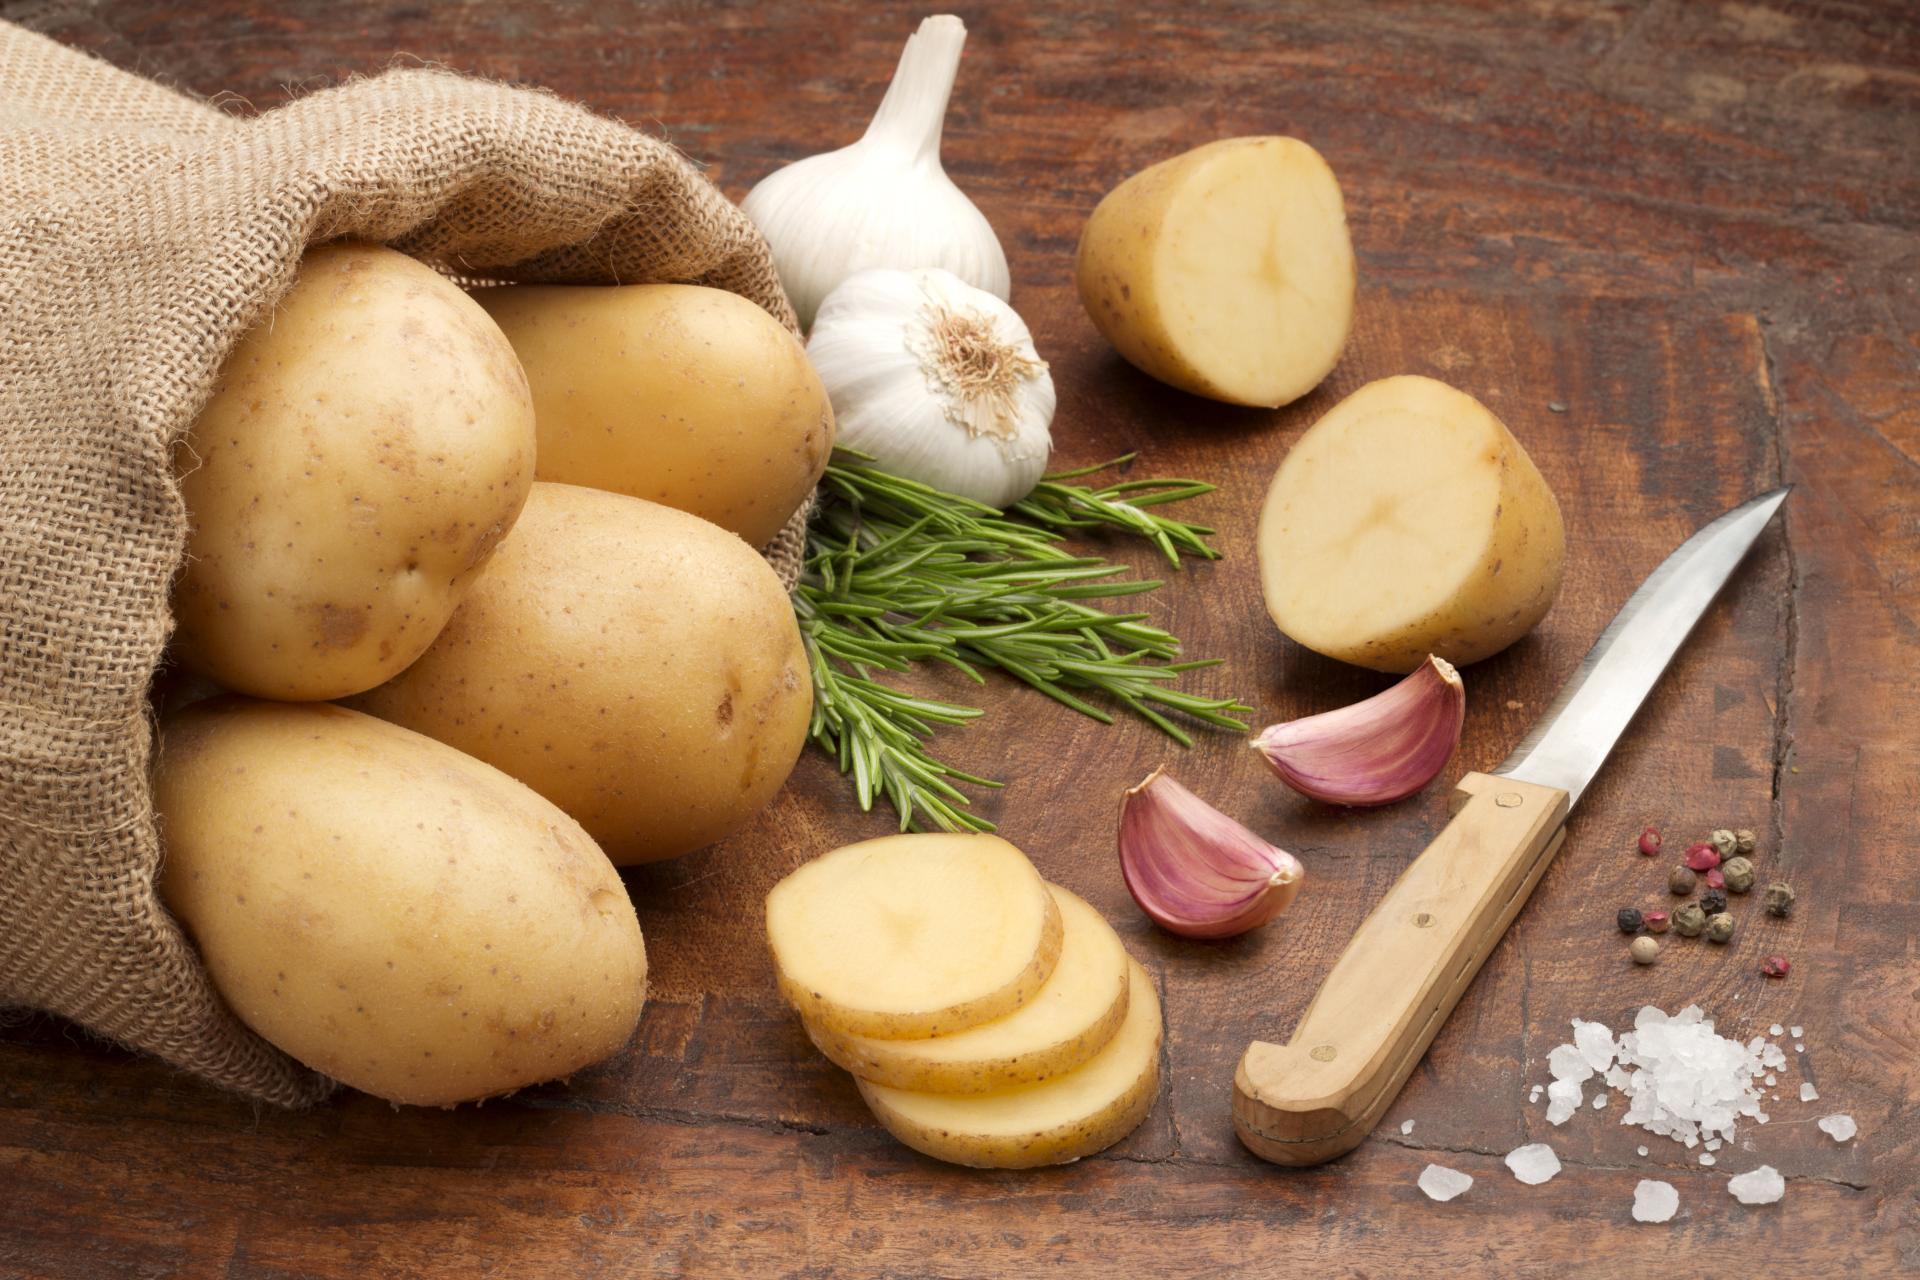 krumpir sastojci